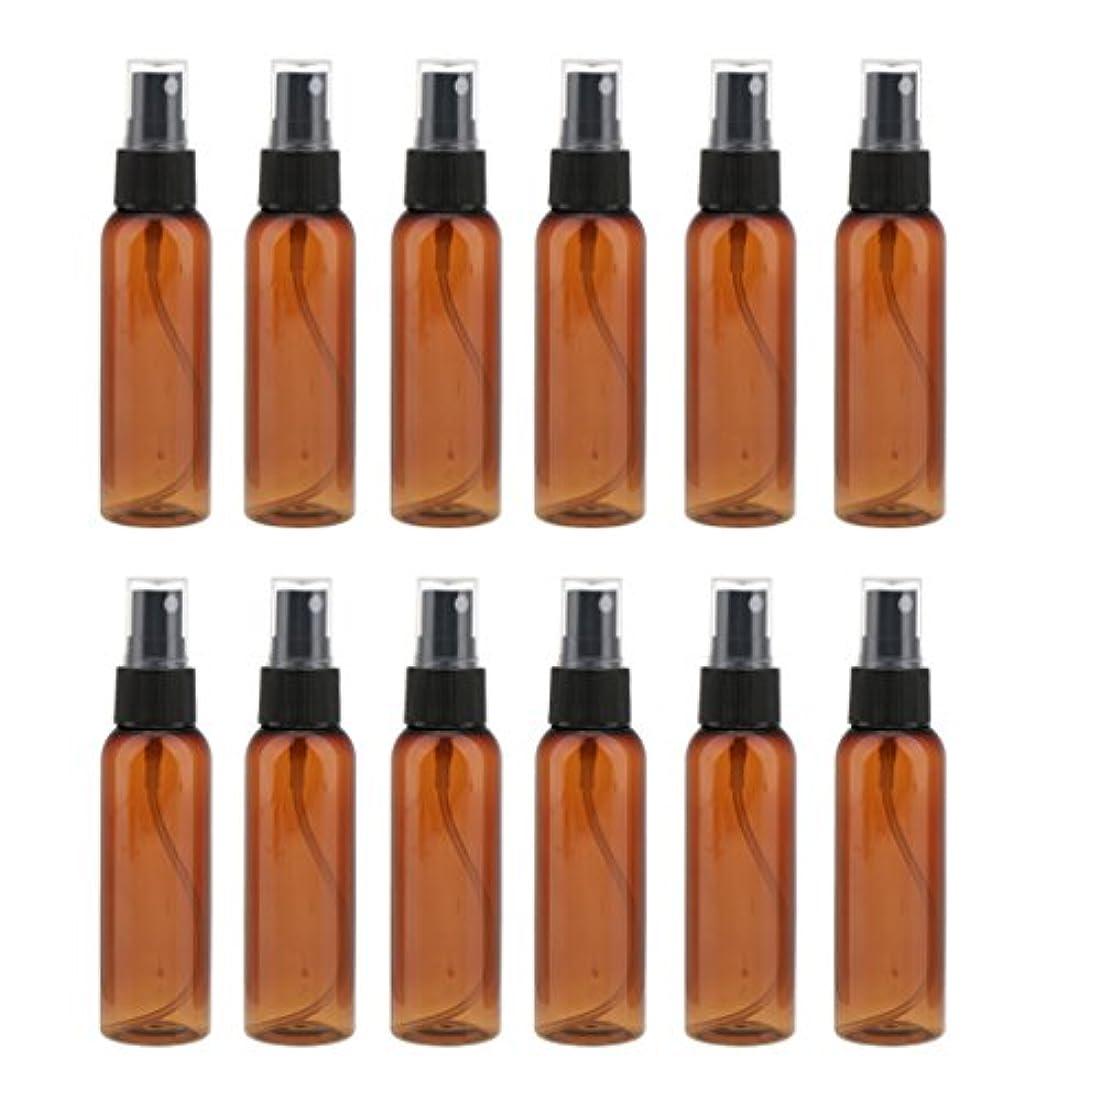 段階ビルダーインカ帝国詰め替え 化粧品容器 コンセプト 空のスプレーボトル 旅行 漏れ防止 60ml 12本 全3色 - ブラック